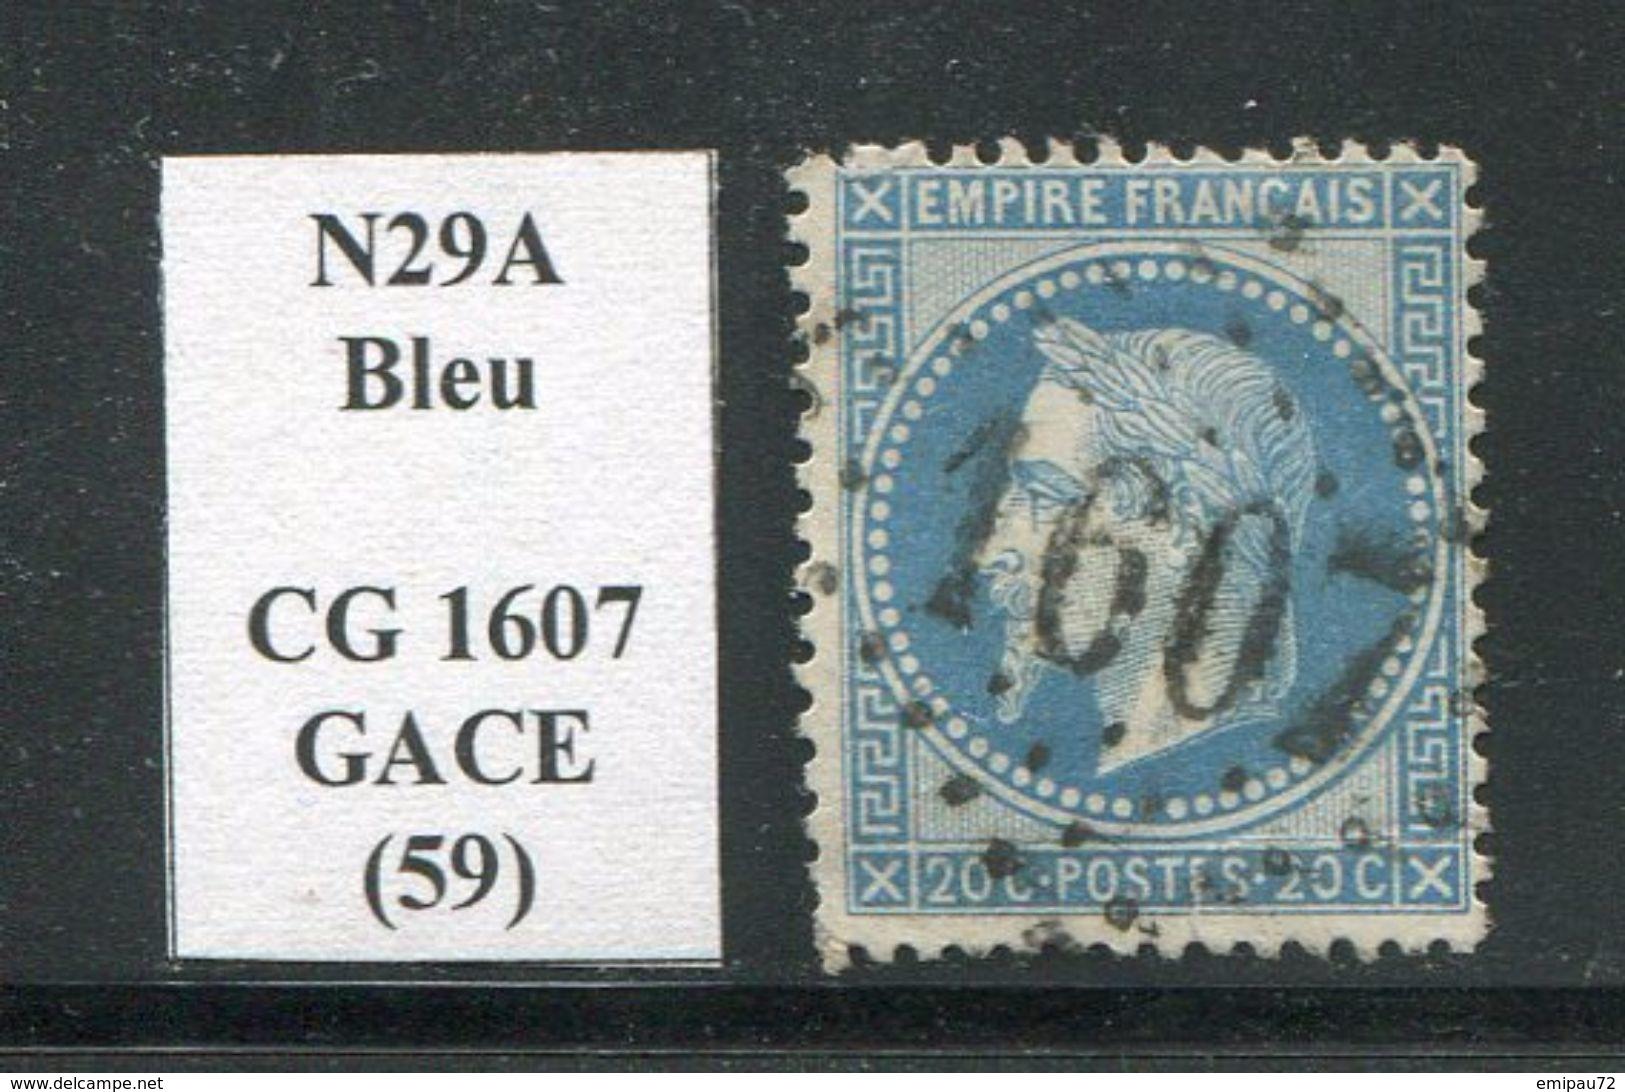 FRANCE- Y&T N°29A- GC 1607 (GACE 59) - Marcophilie (Timbres Détachés)